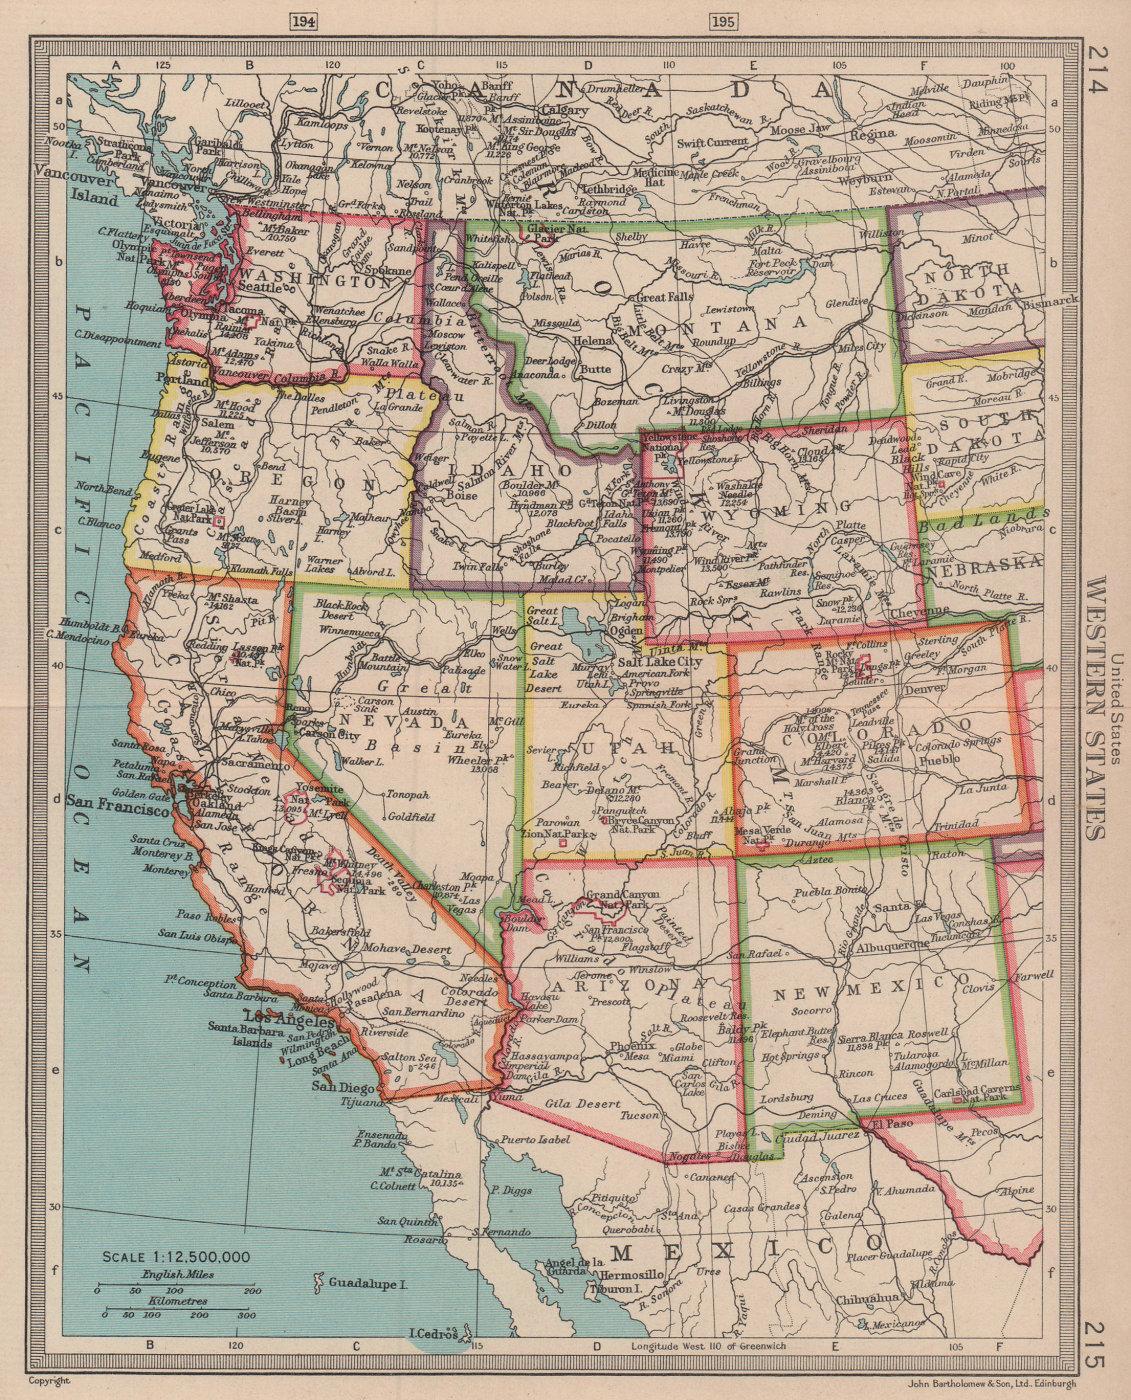 United States Western States. Western USA. BARTHOLOMEW 1949 old vintage map